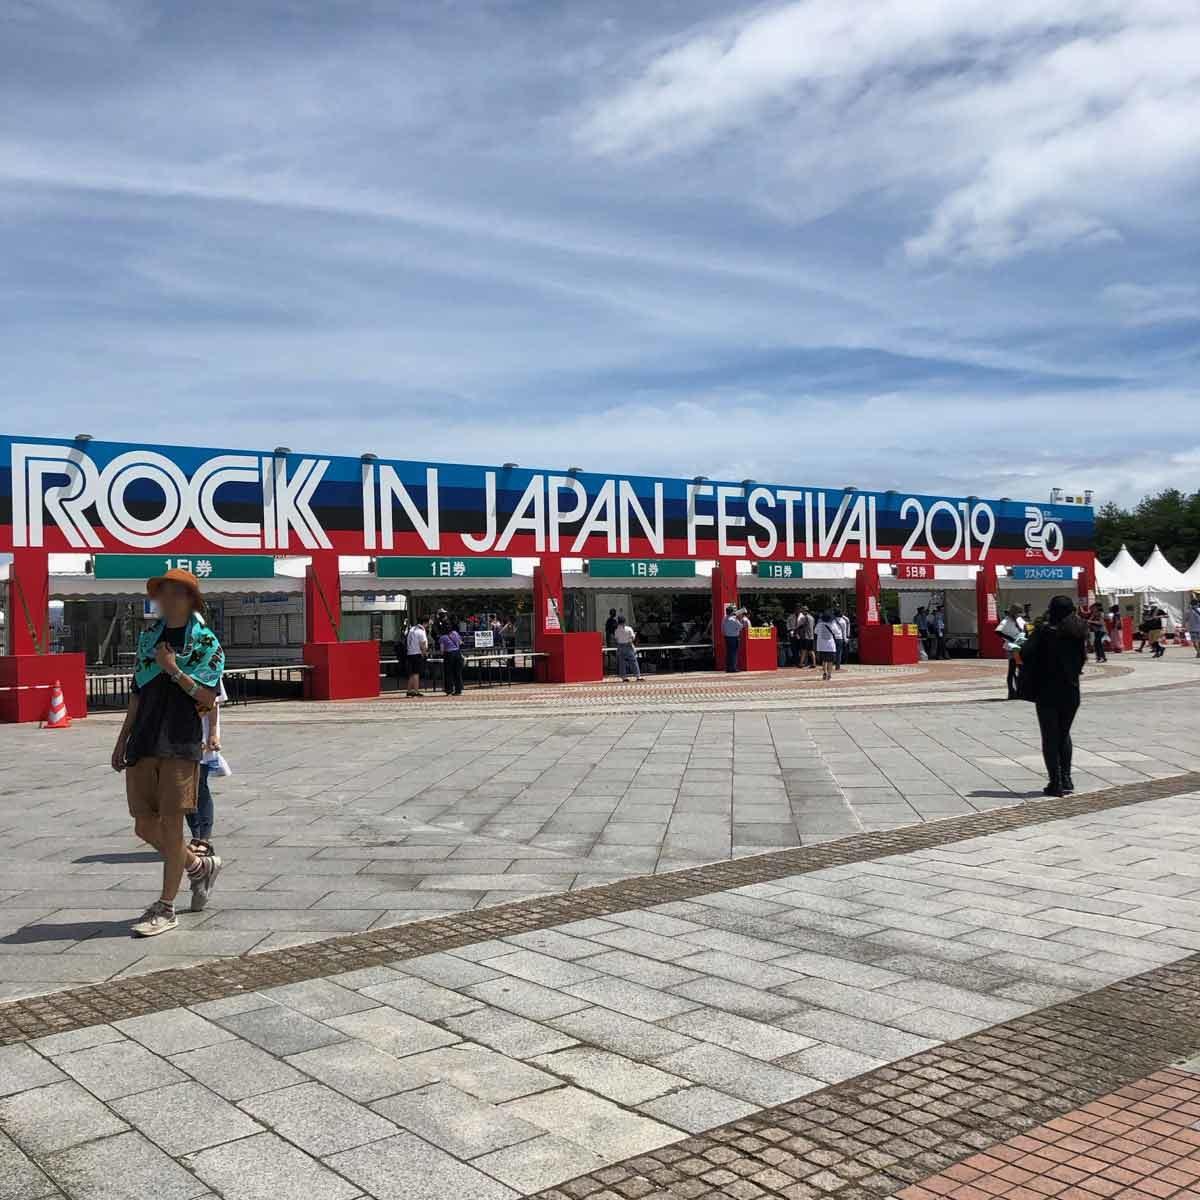 ROCK IN JAPAN 2019